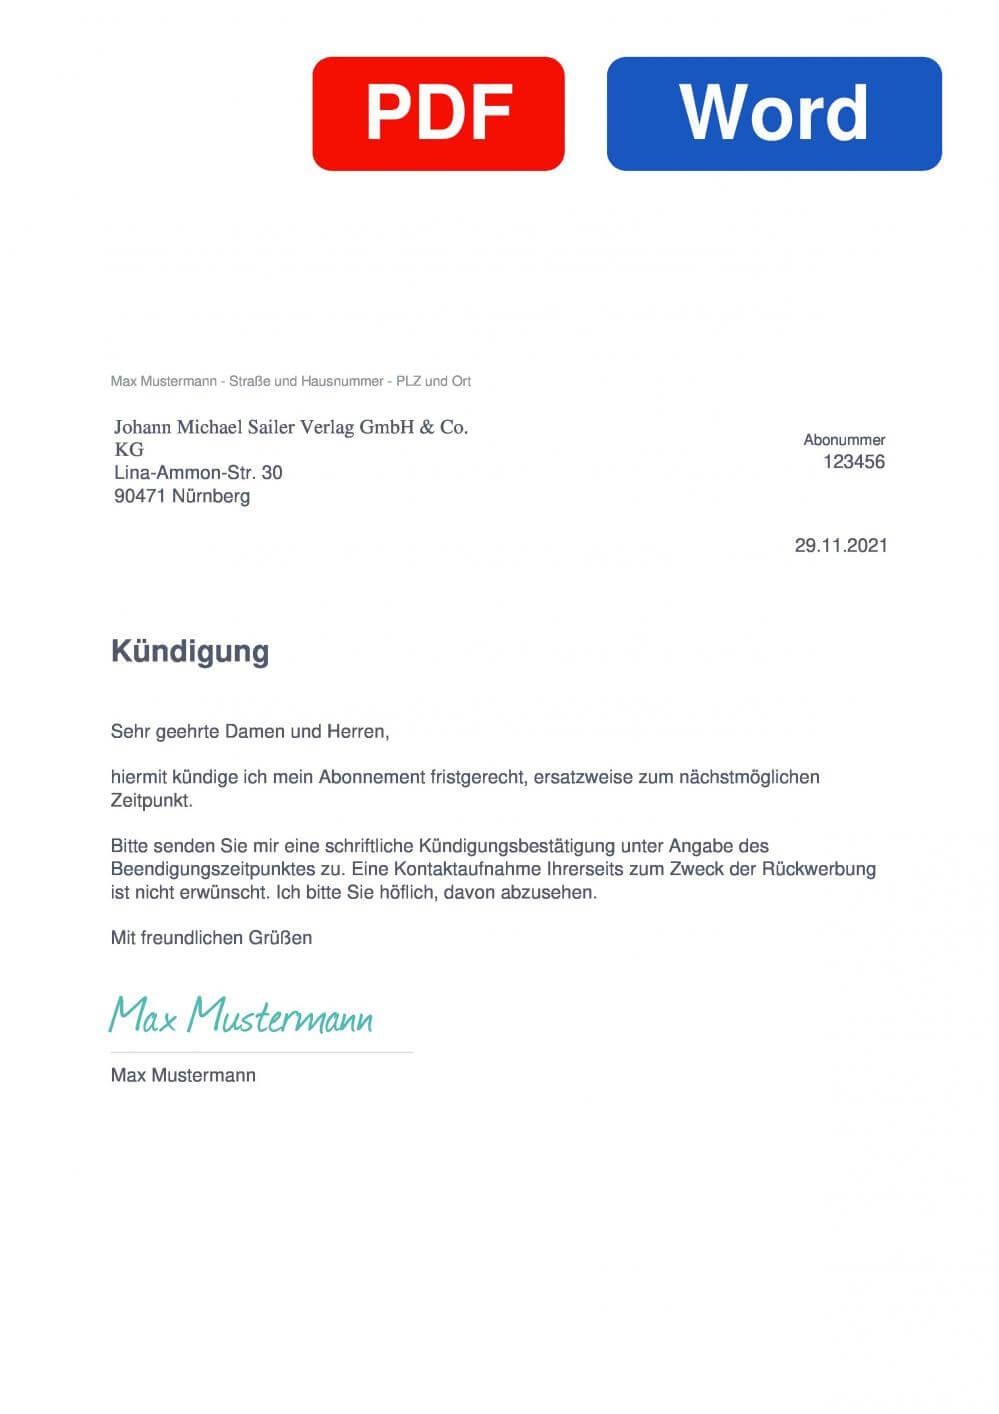 Stafette Muster Vorlage für Kündigungsschreiben